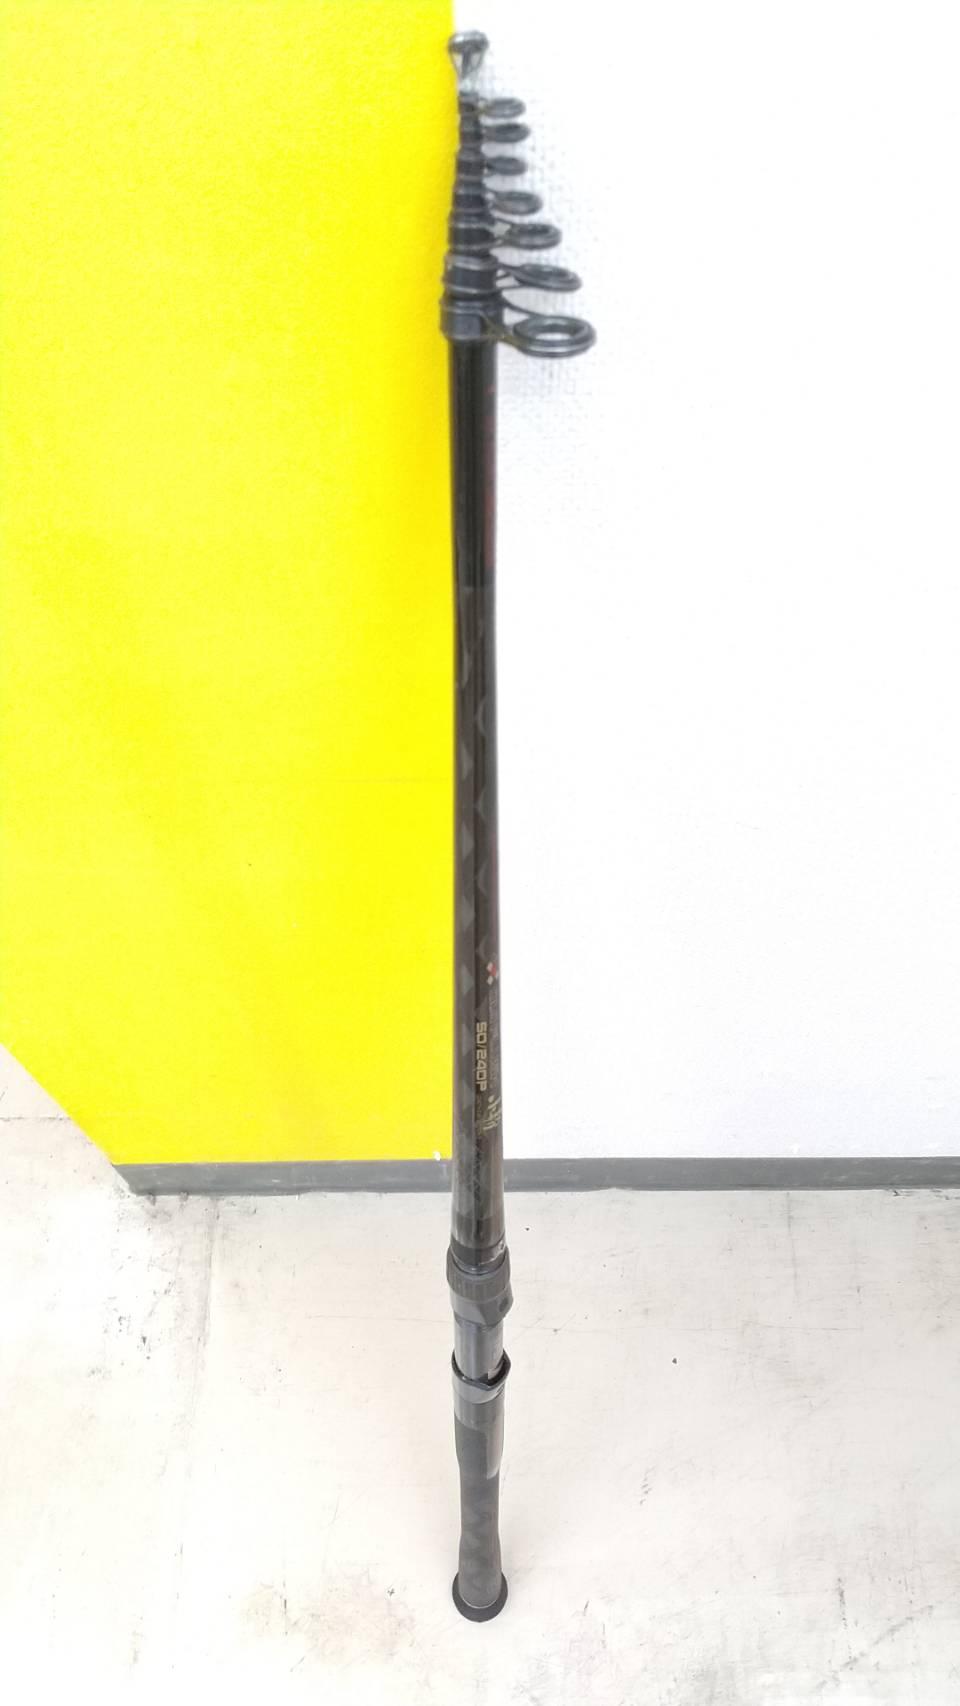 【NFT 日本フィッシングタックル DIA FLASH 小舟 50/240P ダイヤフラッシュ ロッド 竿】を買取いたしました!の買取-